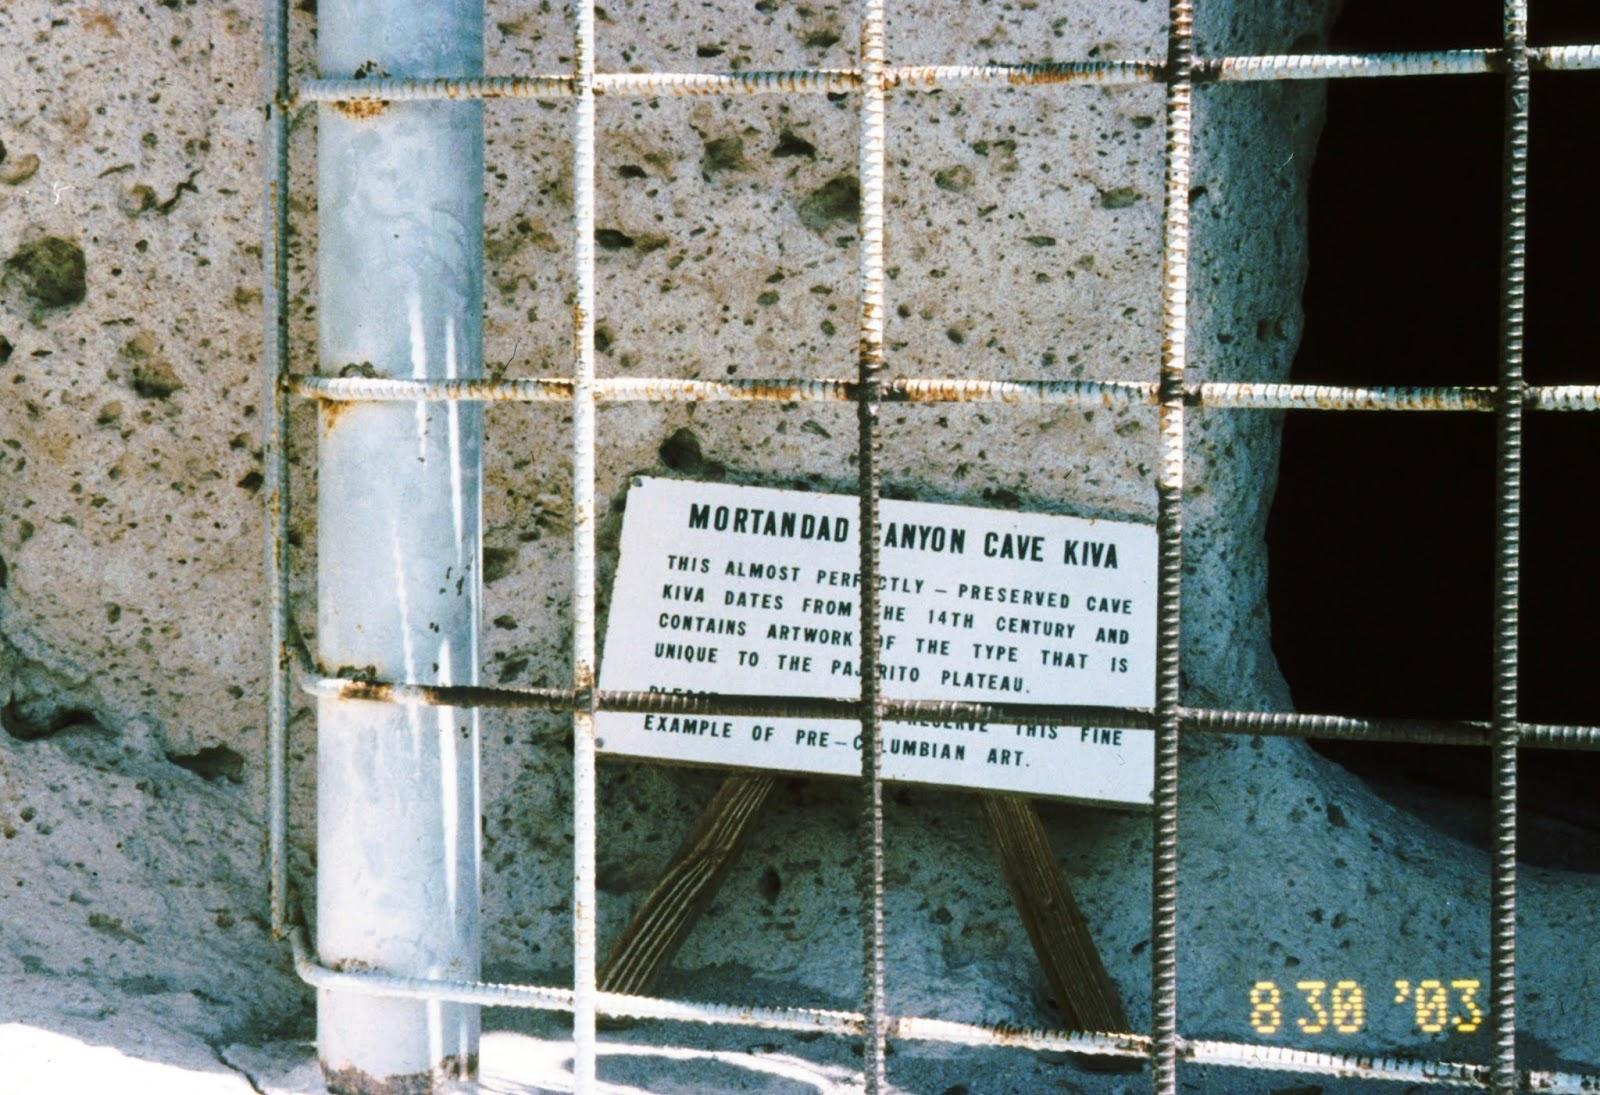 New mexico los alamos county los alamos - Cave Kiva At The Mortandad Ruin Los Alamos Nm